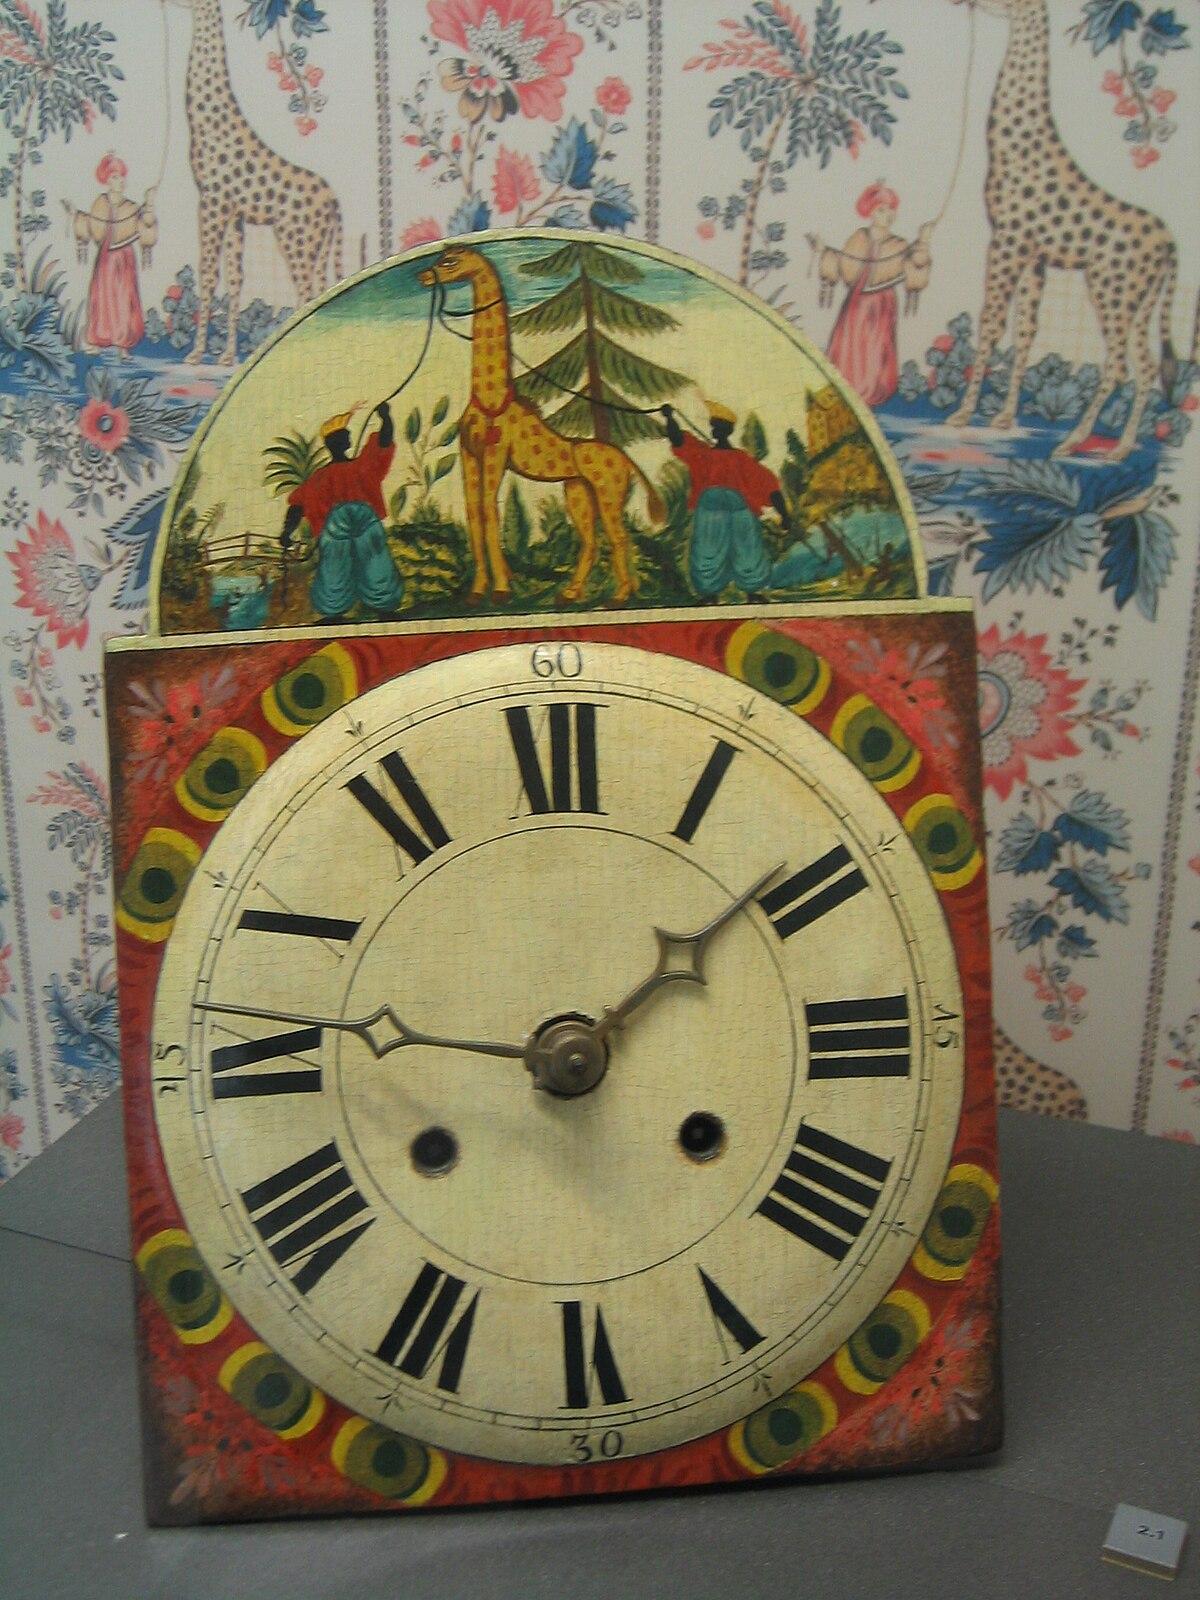 Lackschild uhr wikipedia - Mecanismo para reloj de pared ...